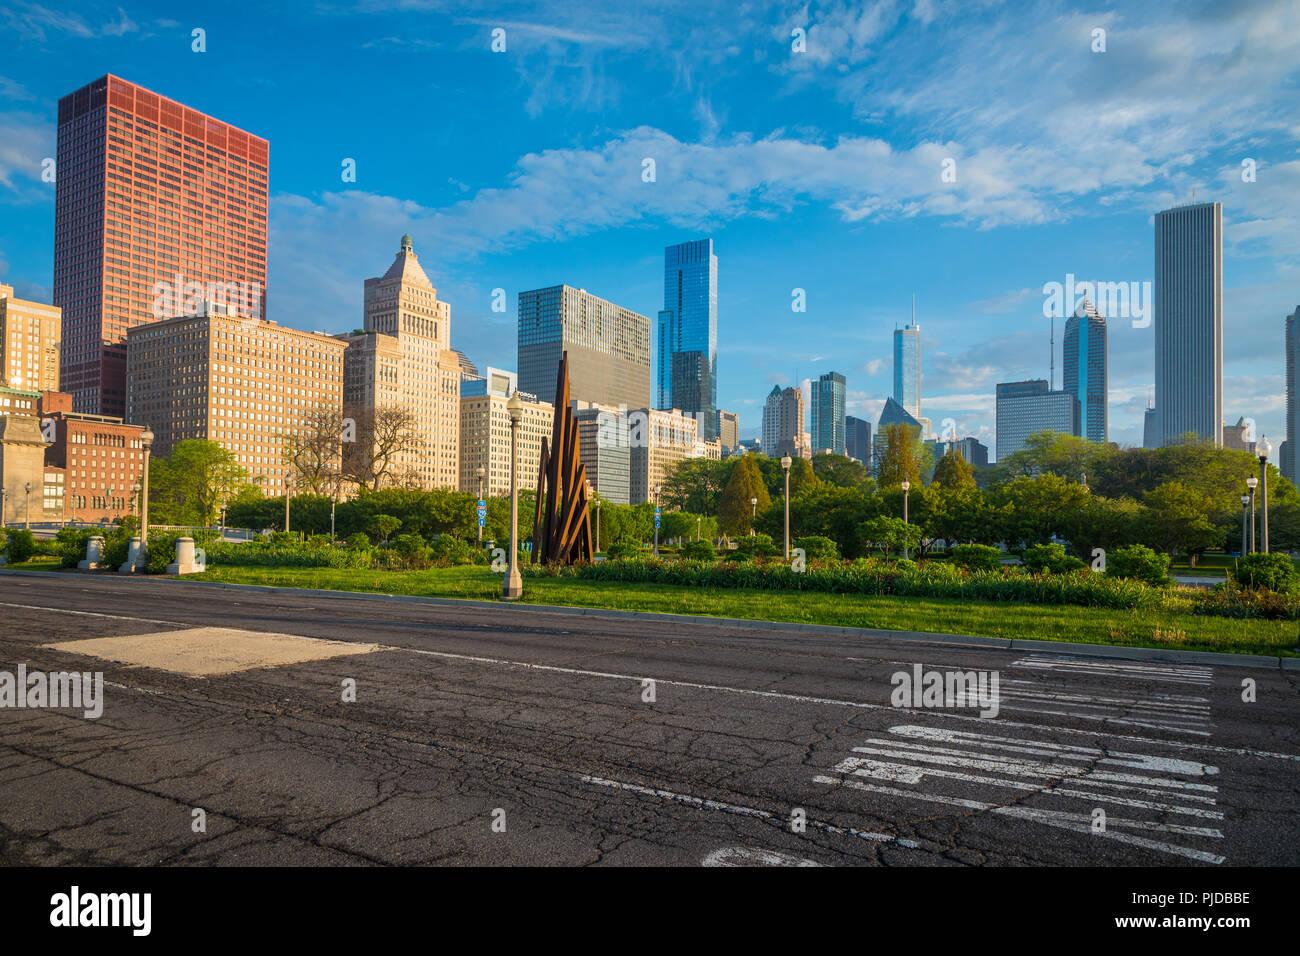 Chicago è una città negli Stati Uniti stato dell'Illinois, è la terza città più popolosa degli Stati Uniti. Immagini Stock